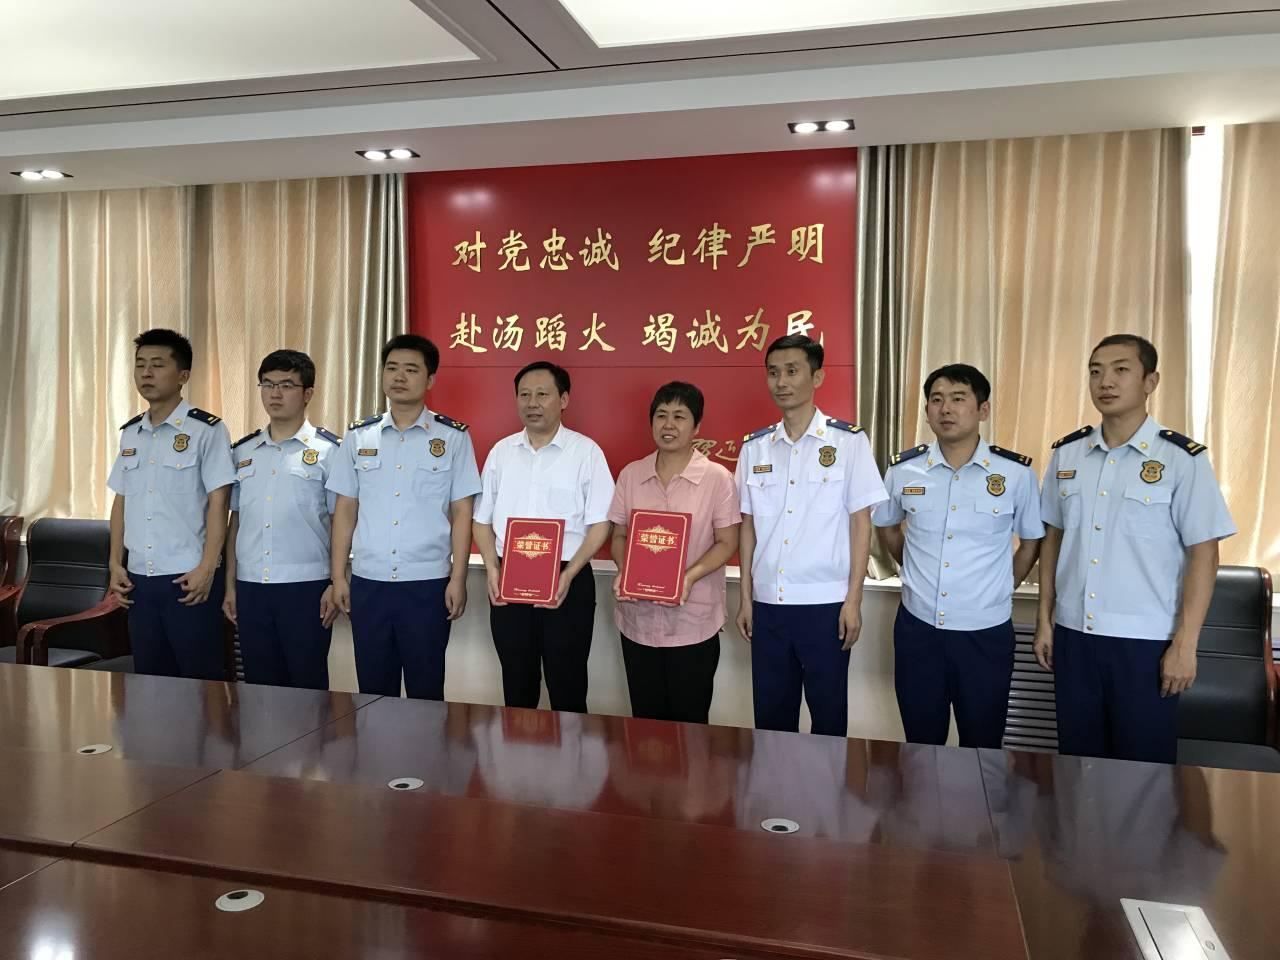 """一起包顿饺子,孟凡珍、王四姣夫妇被聘为""""消防宣传大使"""""""